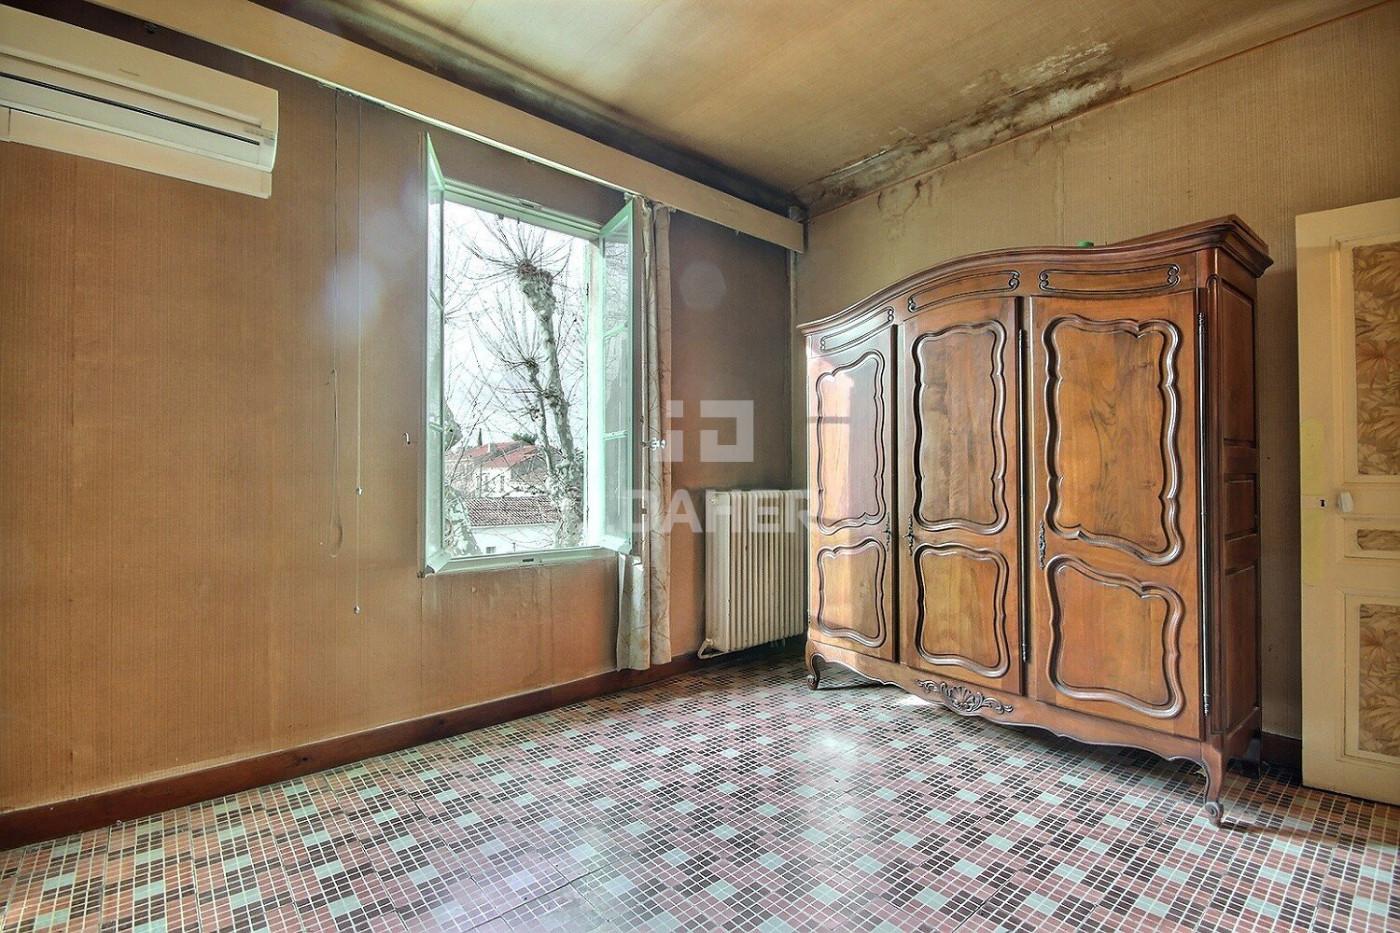 A vendre  Marseille 12eme Arrondissement | Réf 130251043 - J daher immobilier